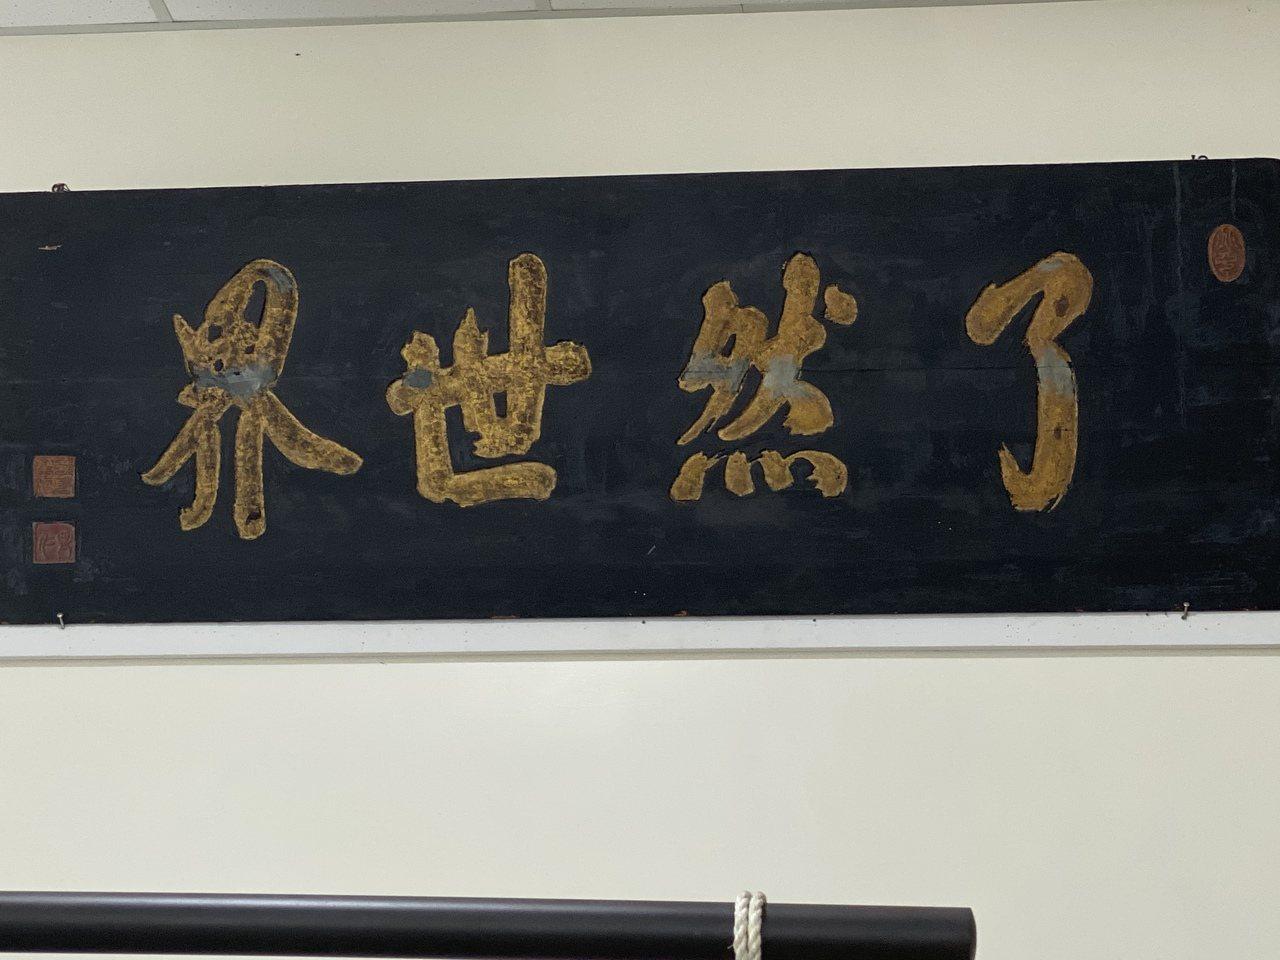 竹溪寺內的府城三大名匾之一「了然世界」記者修瑞瑩/攝影